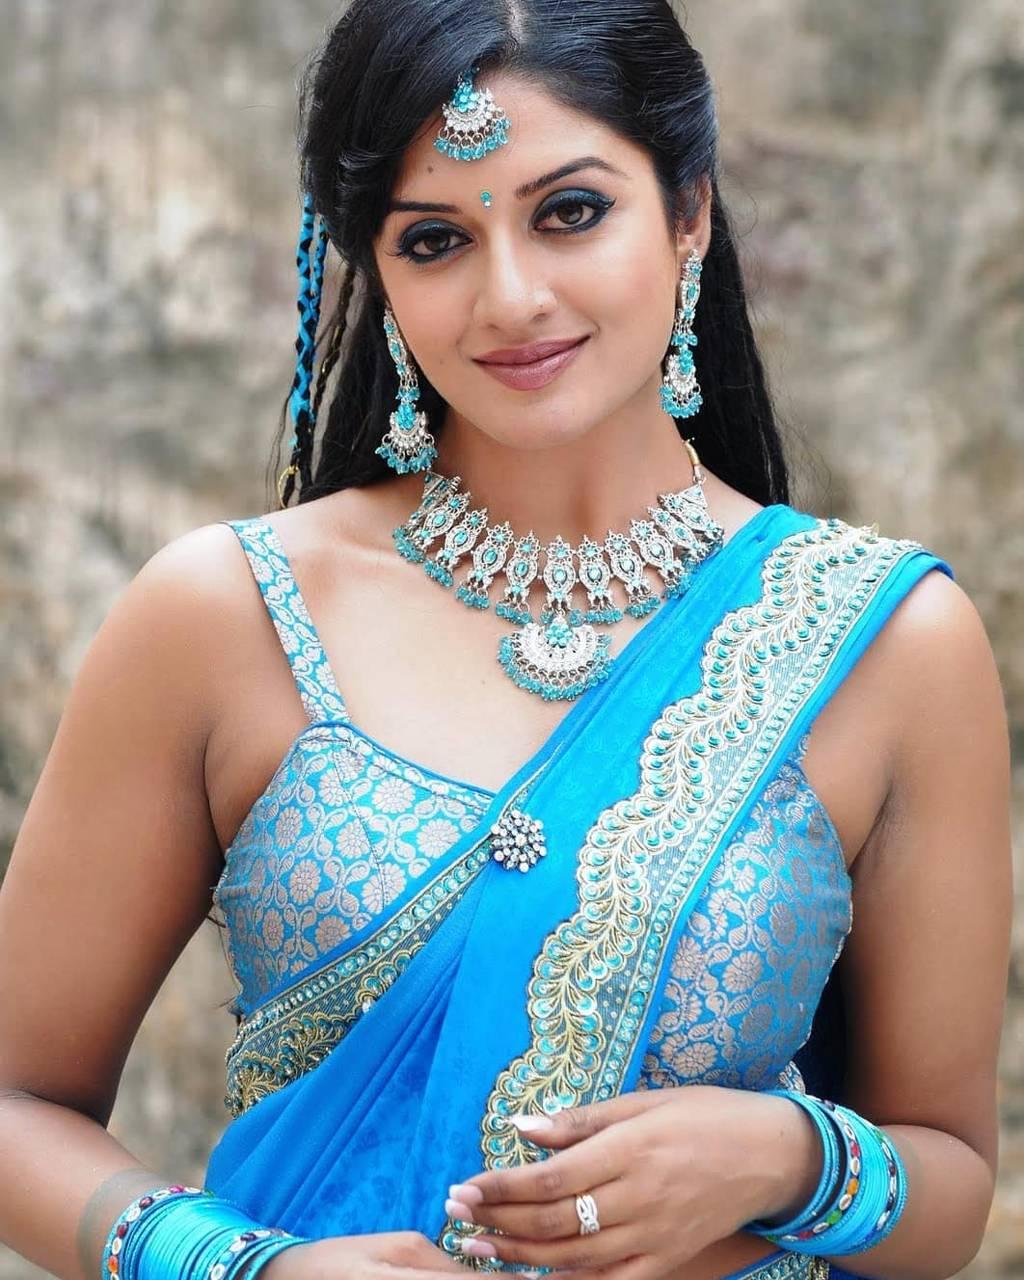 plastered-beautiful-tamilnadu-woman-nute-allison-nude-sister